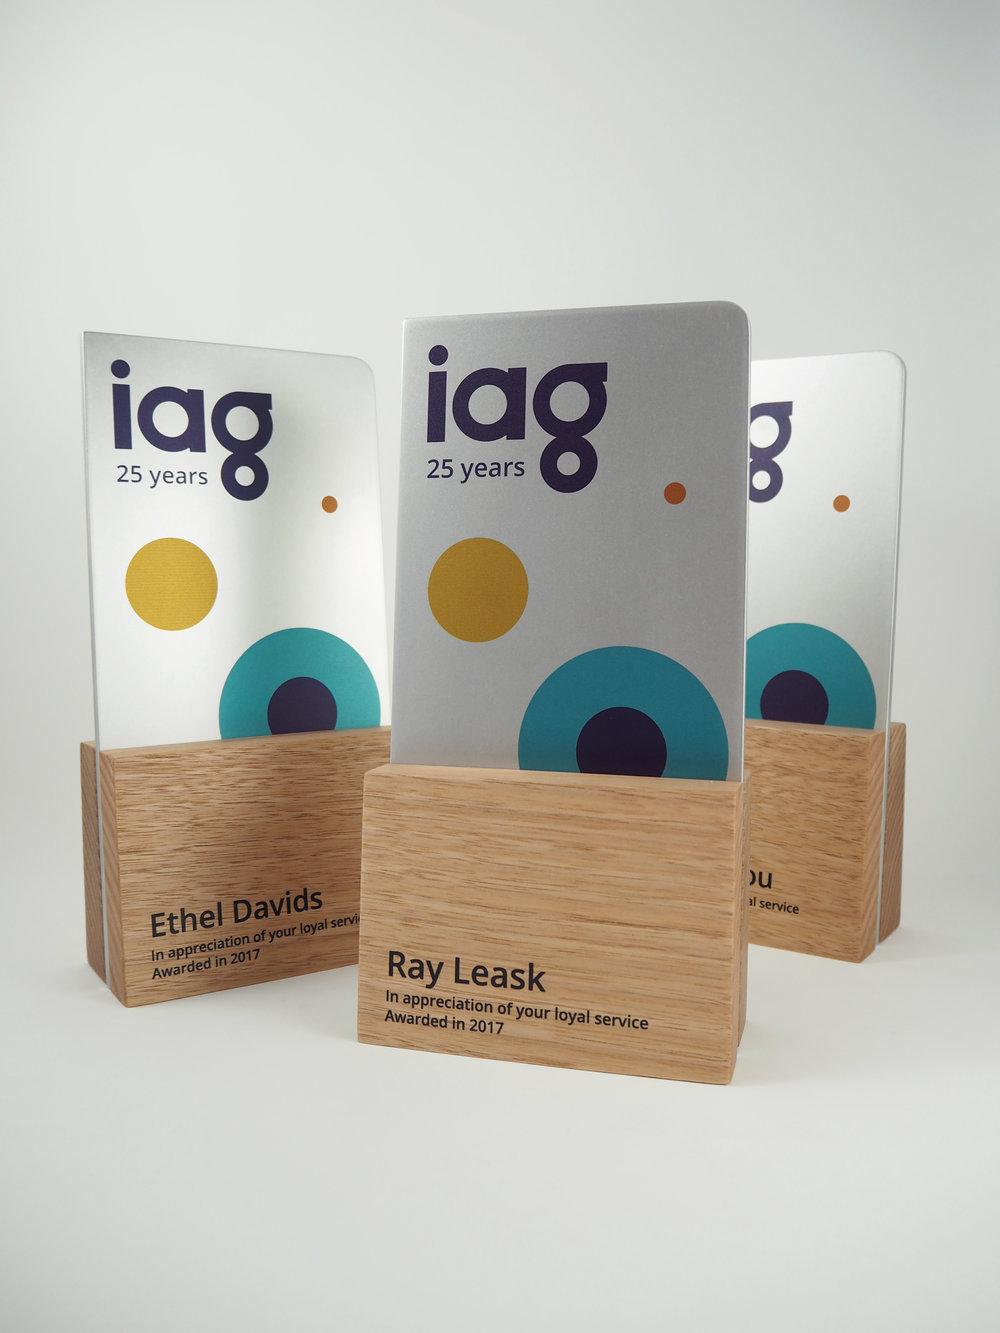 iag-awards-timber-eco-metal-trophy-04.jpg